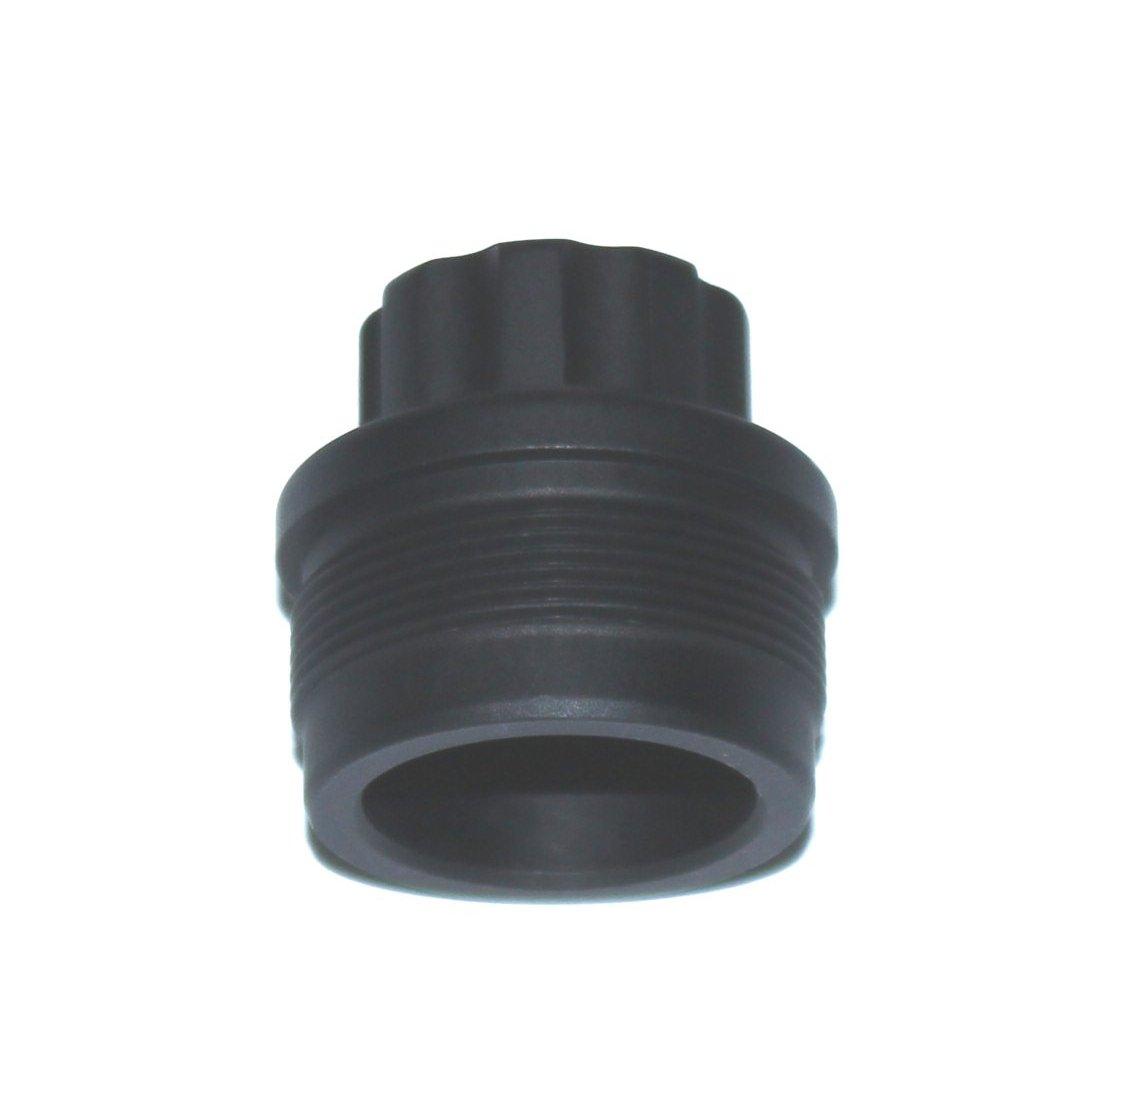 16mm x 1 Left Hand Fixed Barrel Adapter